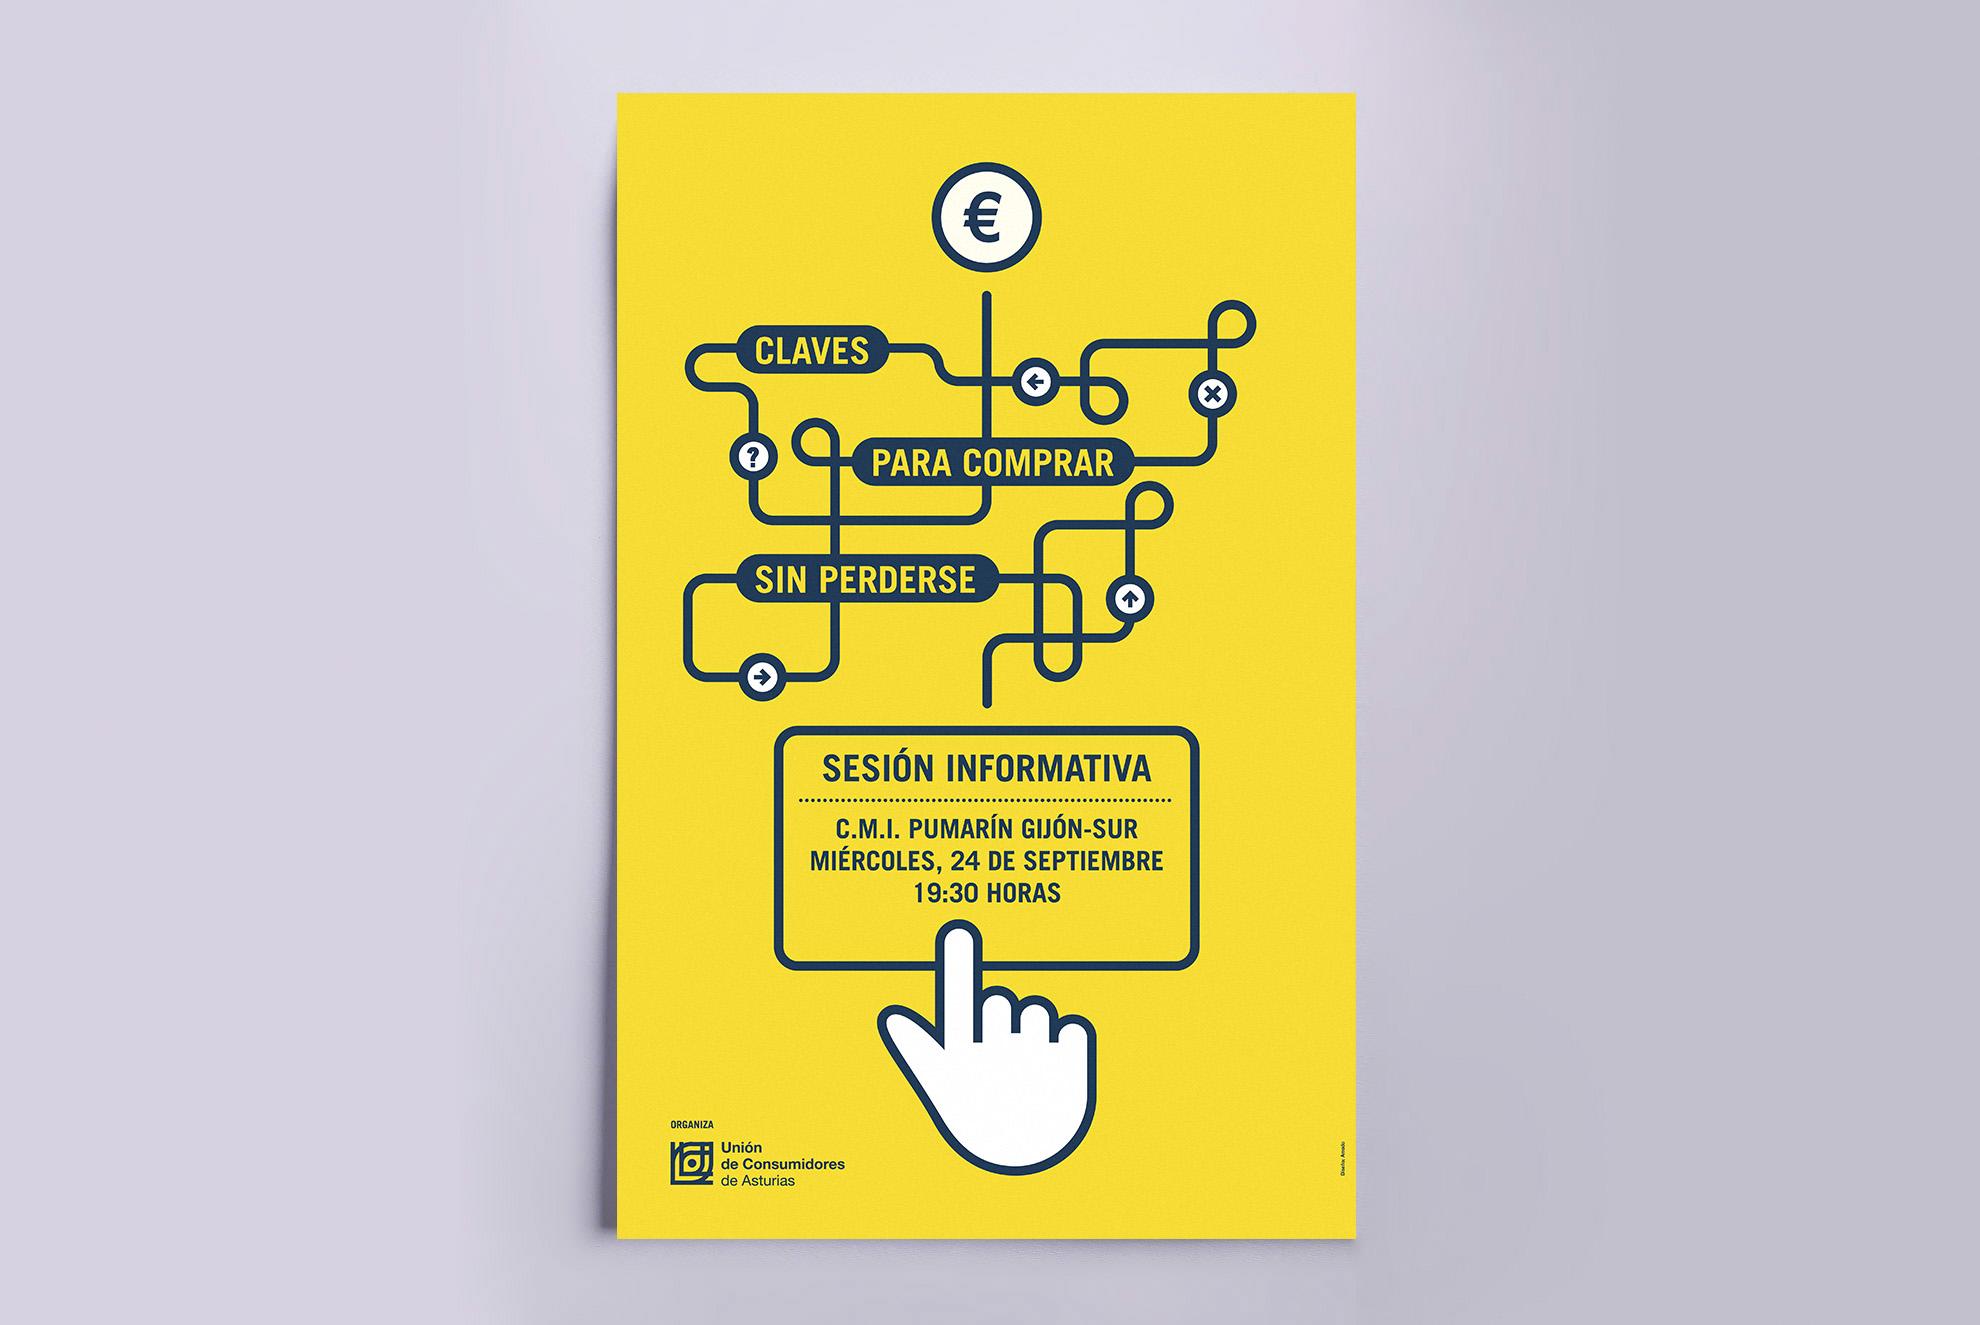 Diseño de cartel para sesiones informativas sobre compras realizadas por Internet.